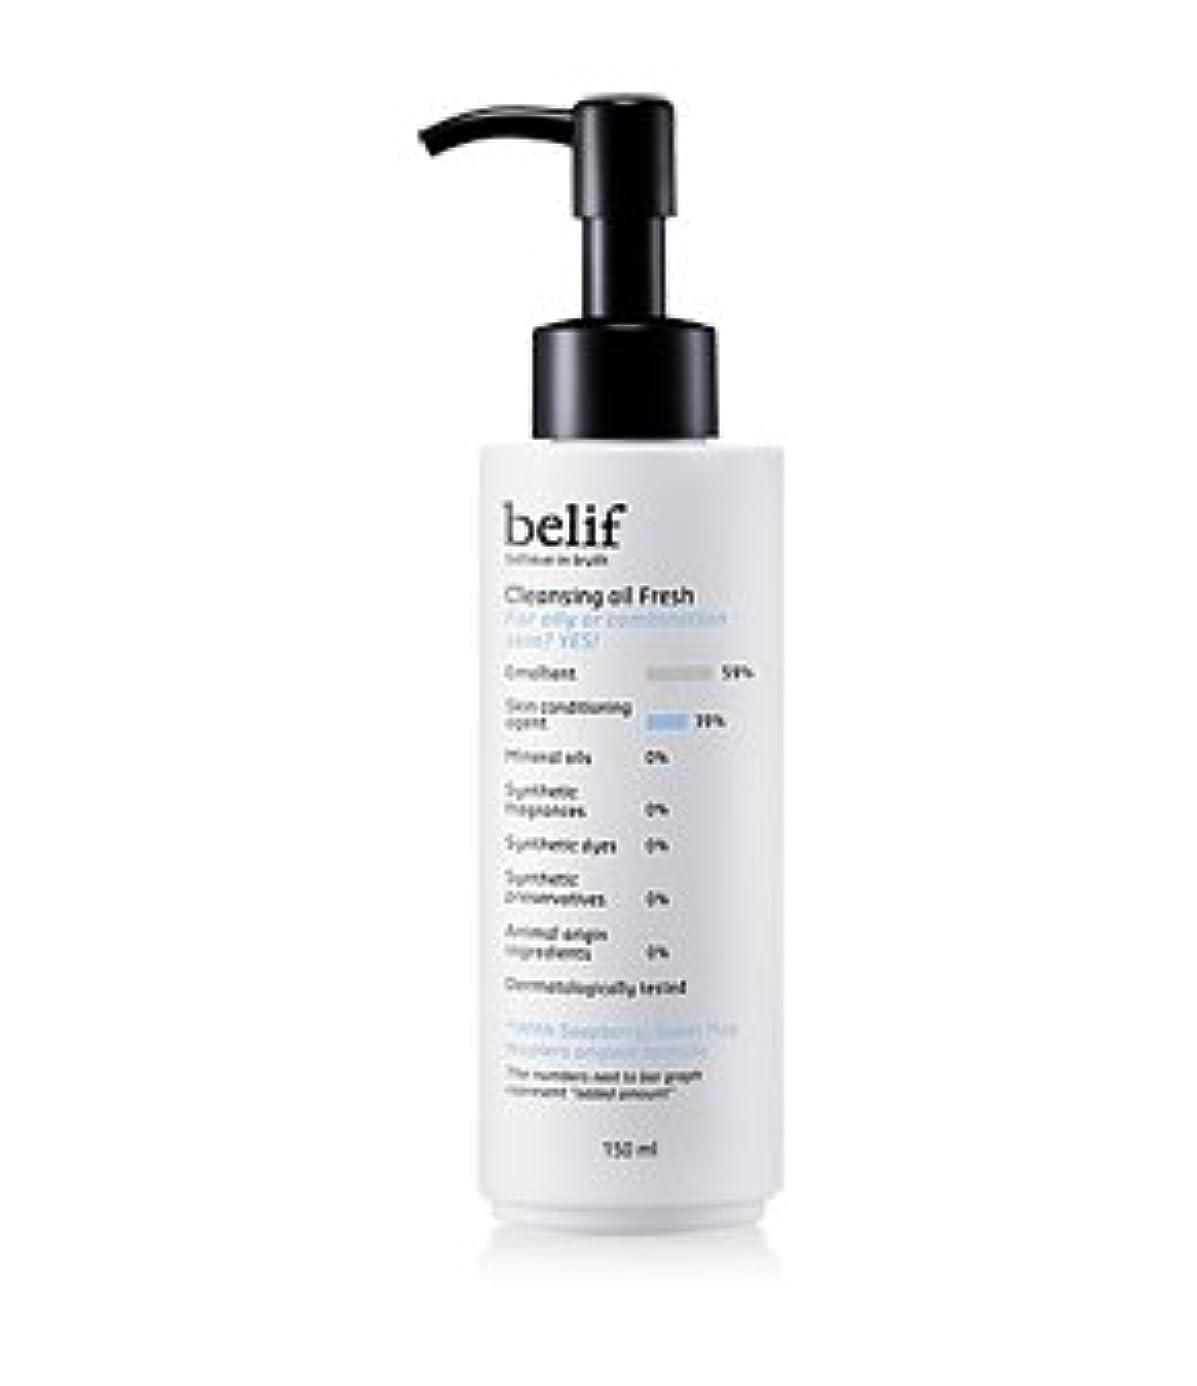 ゴールデンキャンディー爬虫類belf(ビリフ)クレンジング オイル フレッシュ(Cleansing oil Fresh)150ml